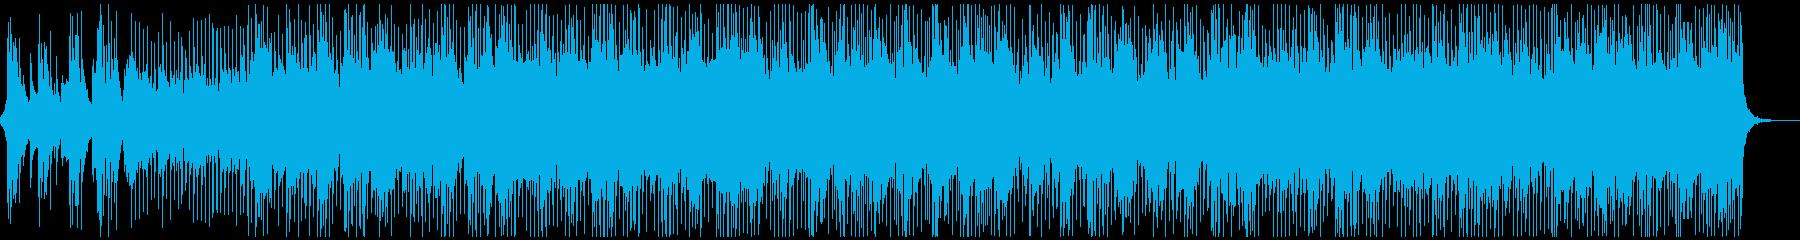 落ち着いたアコースティックギター&ピアノの再生済みの波形